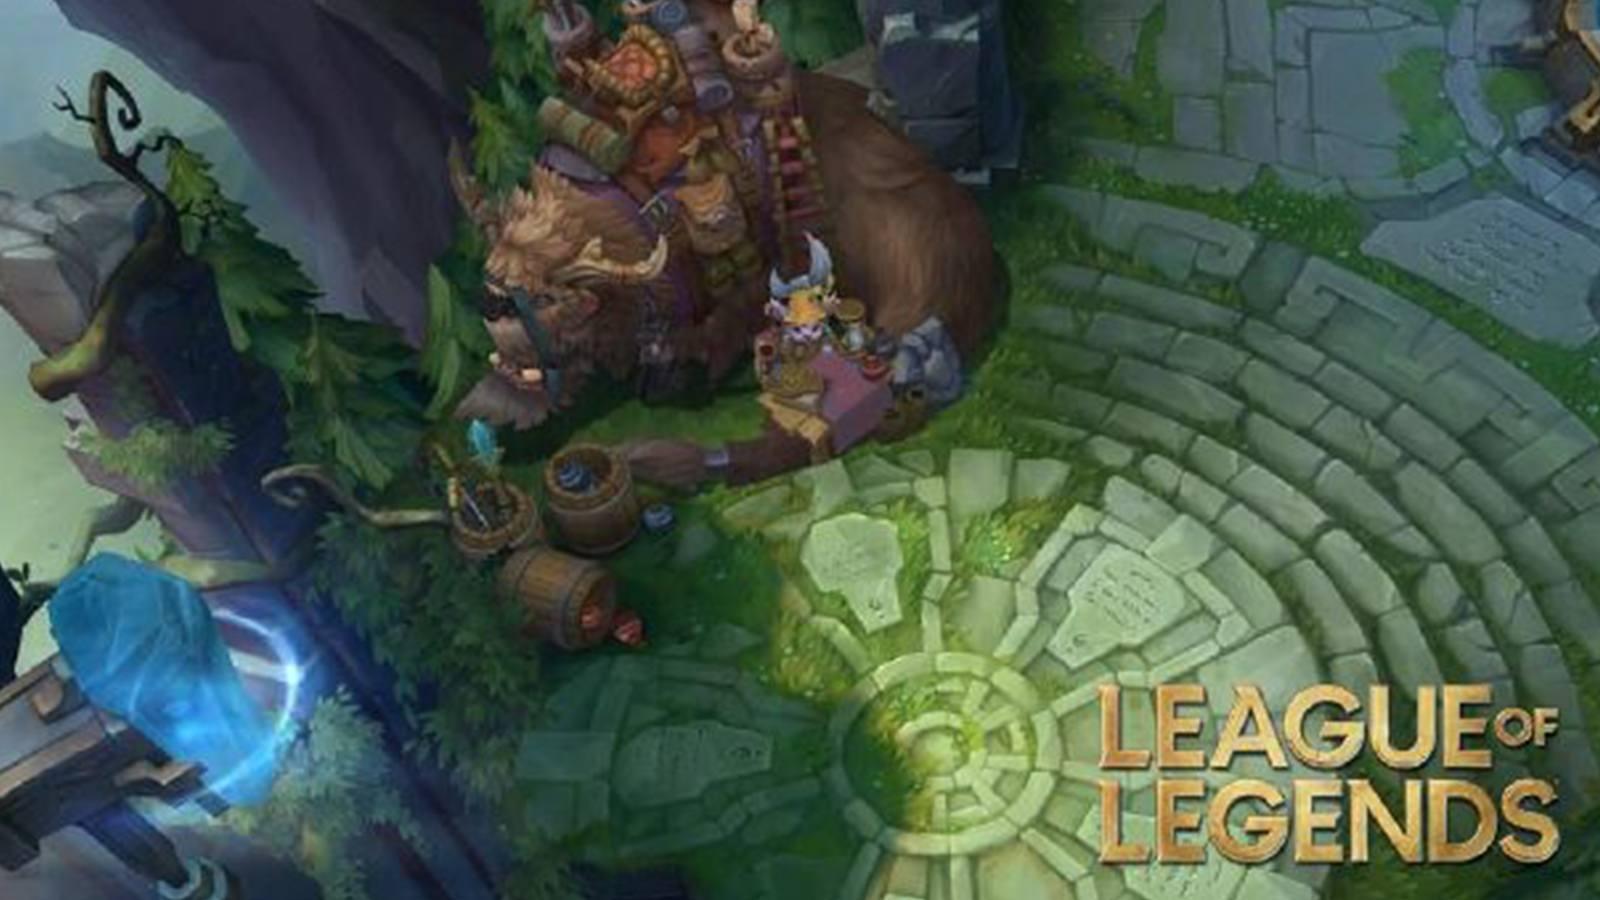 Un rework de la boutique d'objets de League of Legends arrive